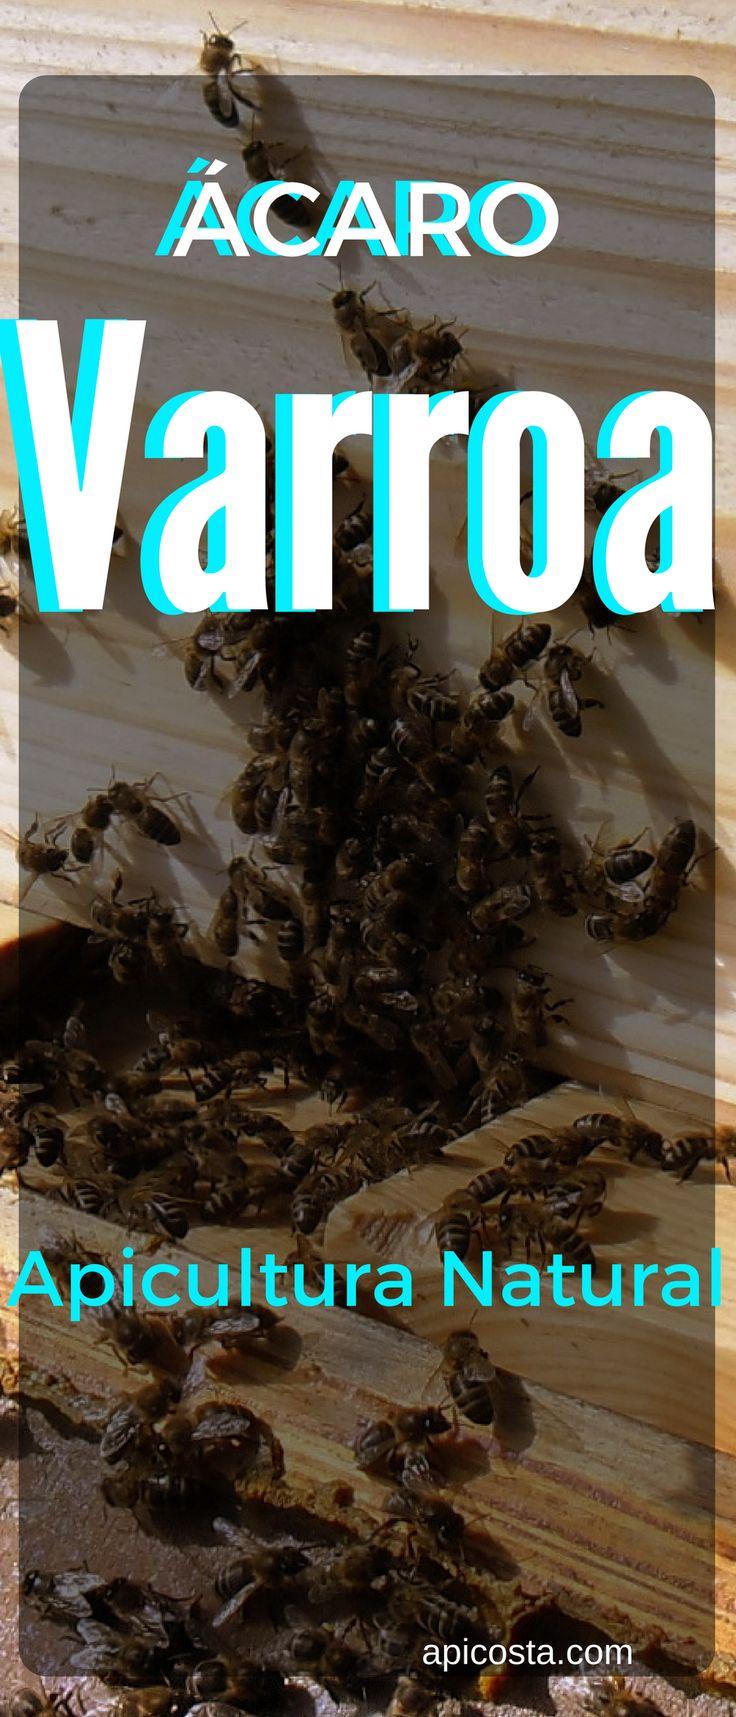 O resultado é abelhas com as asas deformadas, fracas, e muito provavelmente a vida útil da colmeia fica reduzida significativamente, podendo levar à morte. http://apicosta.com/acaro-da-varroa-tratamentos-possiveis-na-apicultura-natural/